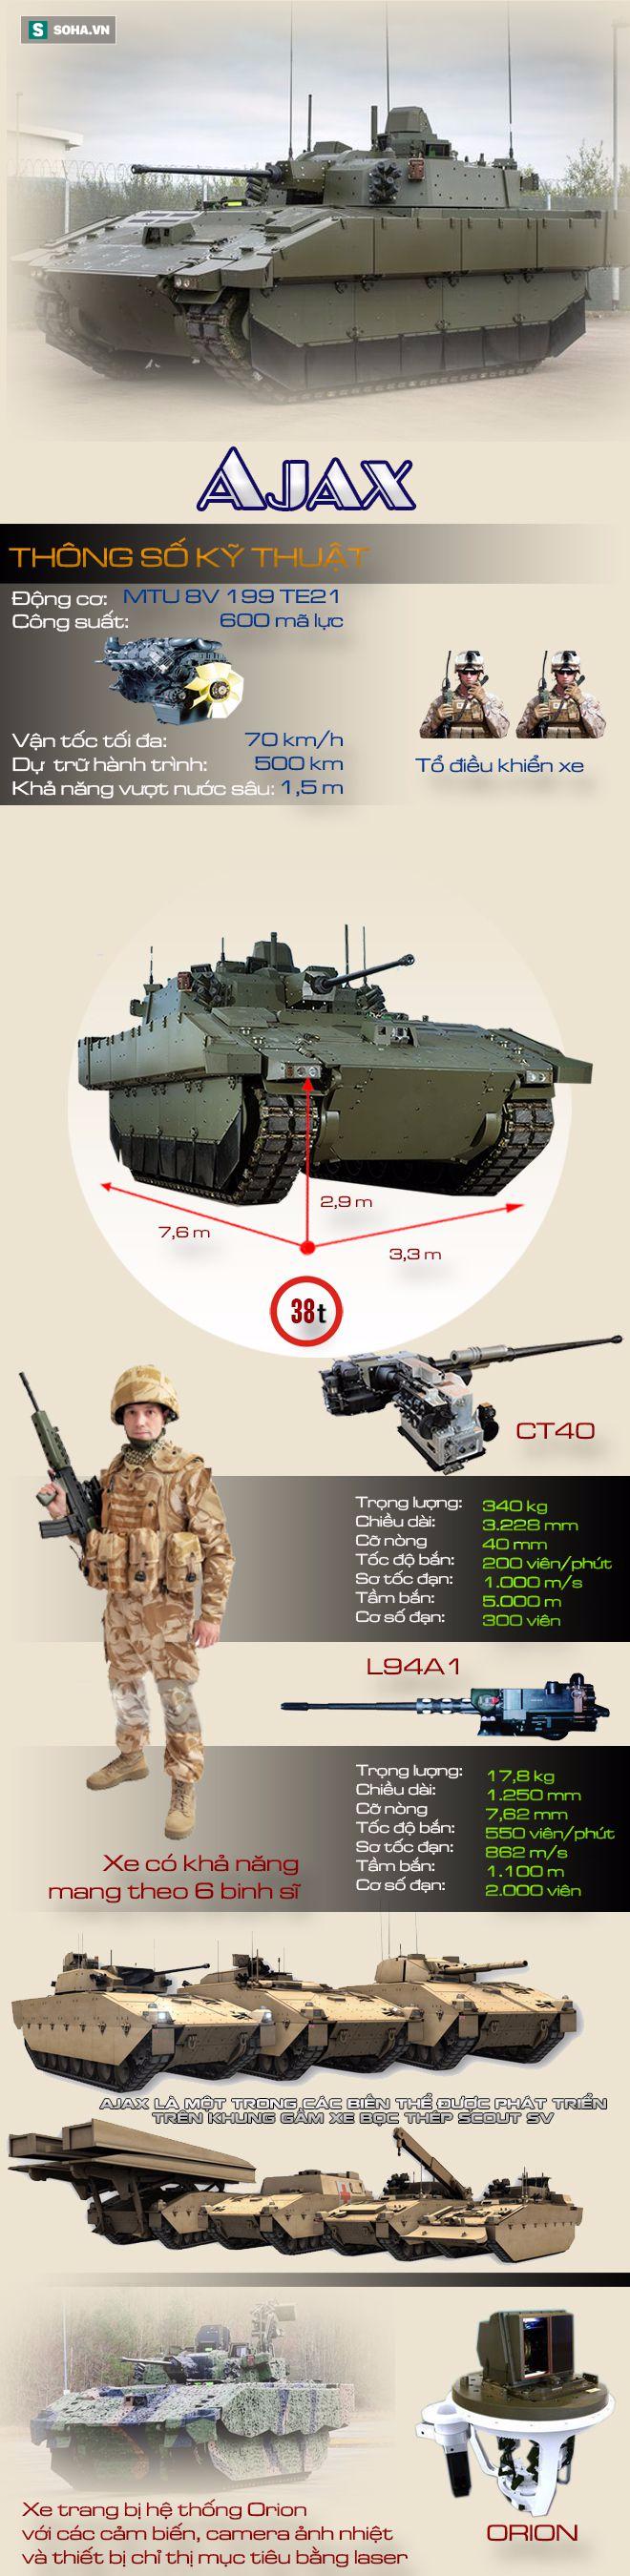 Uy lực của xe chiến đấu bộ binh có thể diệt mọi tăng Nga từ khoảng cách 3 km - Ảnh 1.